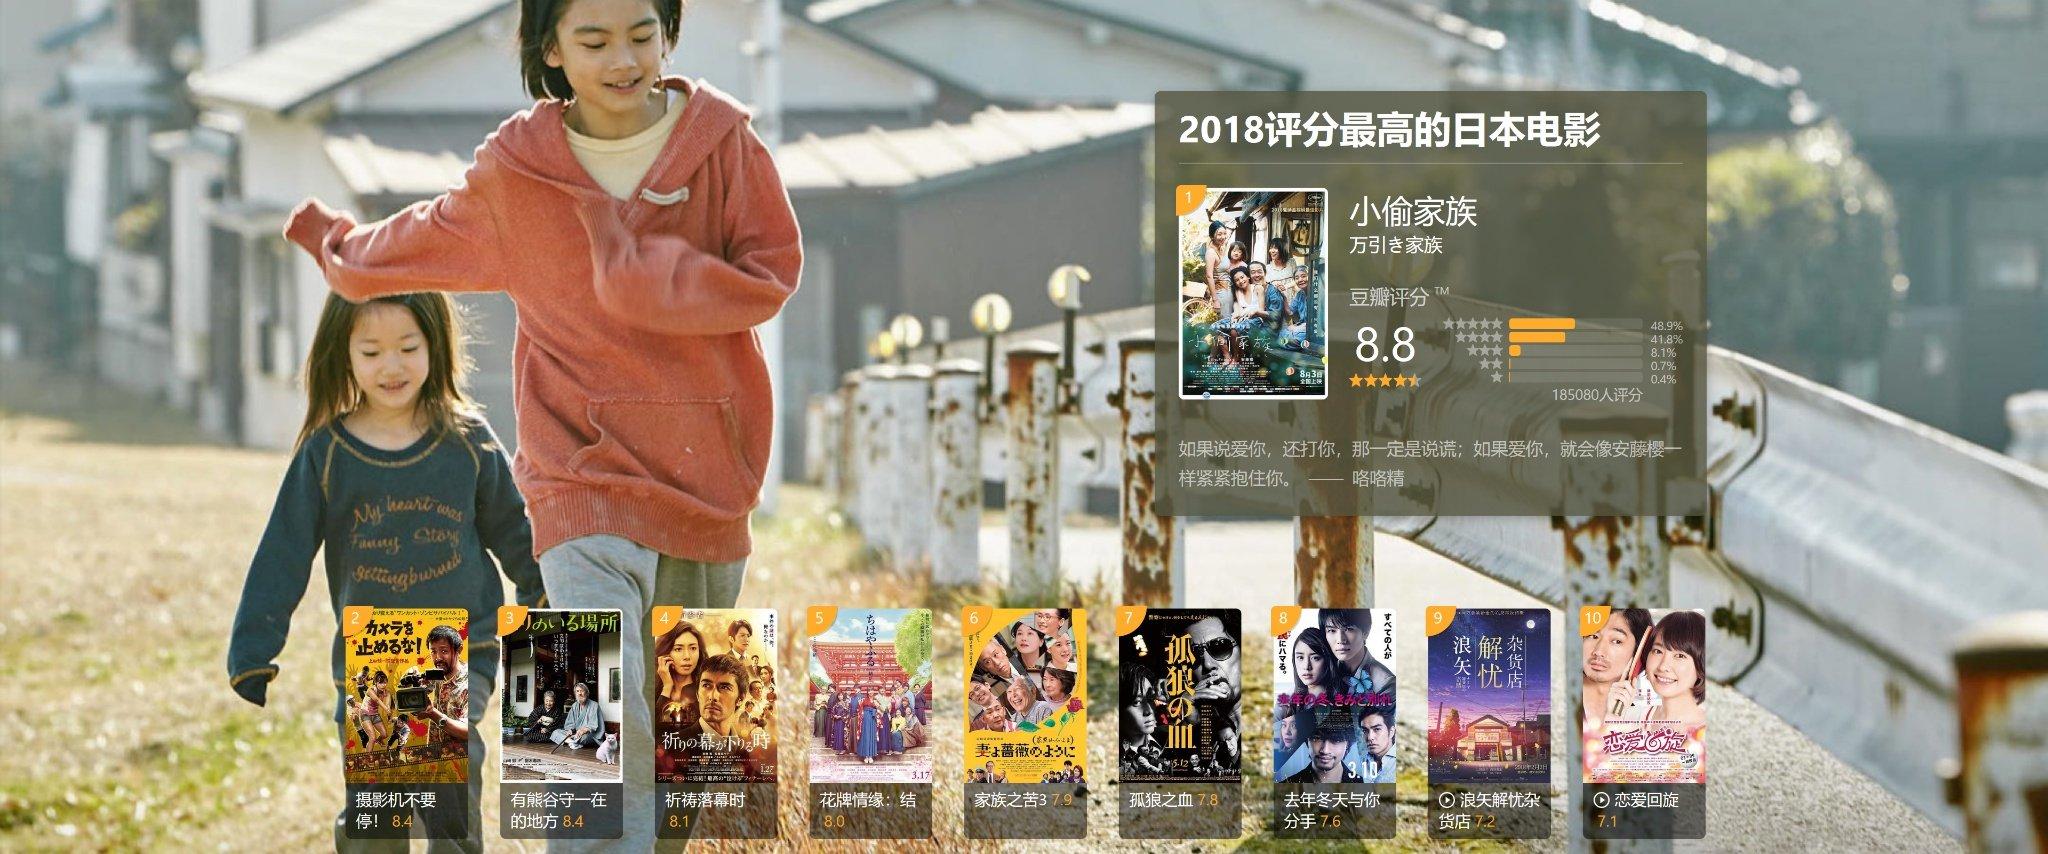 2018評分最高的日本電影